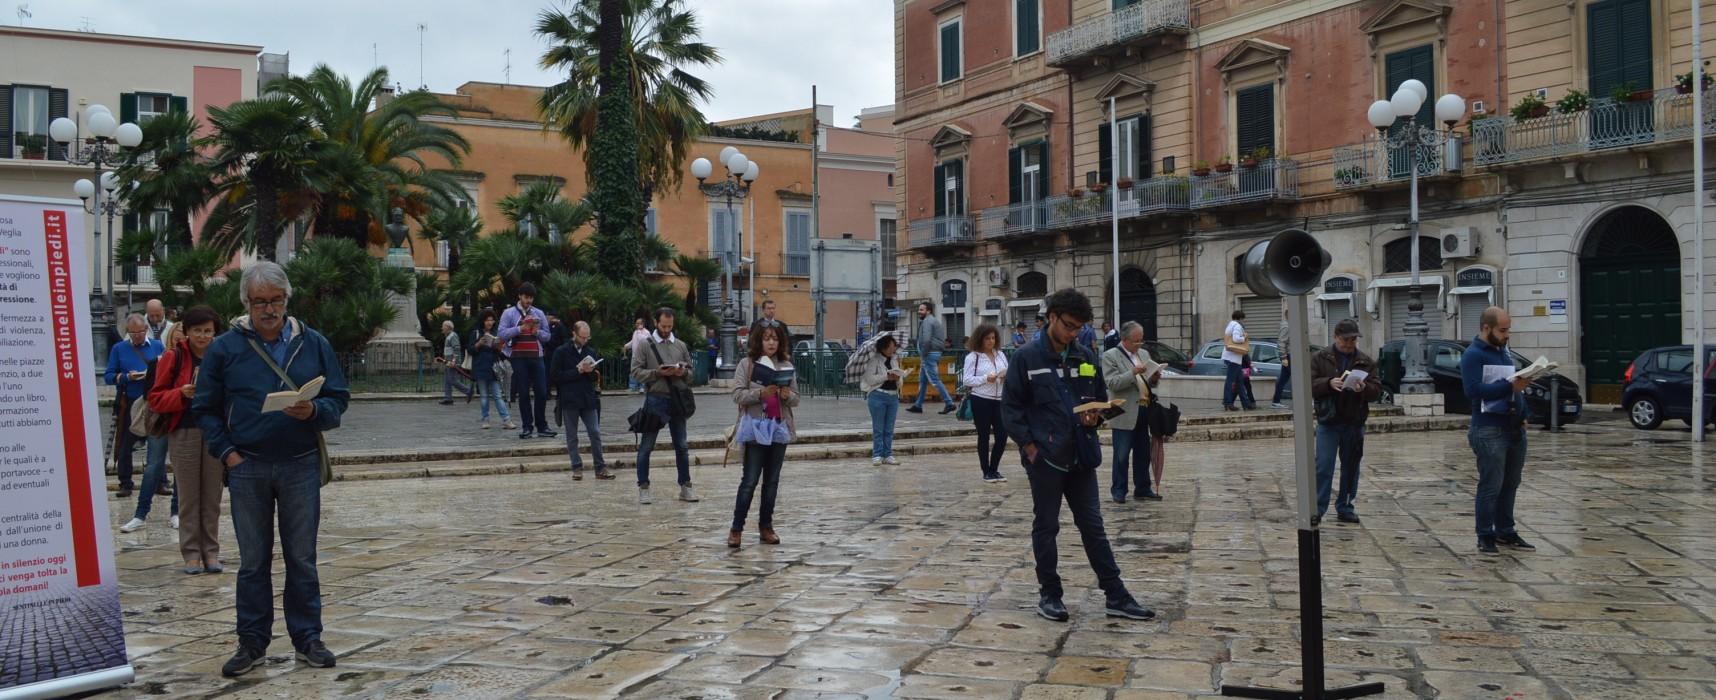 """Sentinelle in piedi: """" Al nostro fianco in piazza a Bari anche una coppia omosessuale"""""""